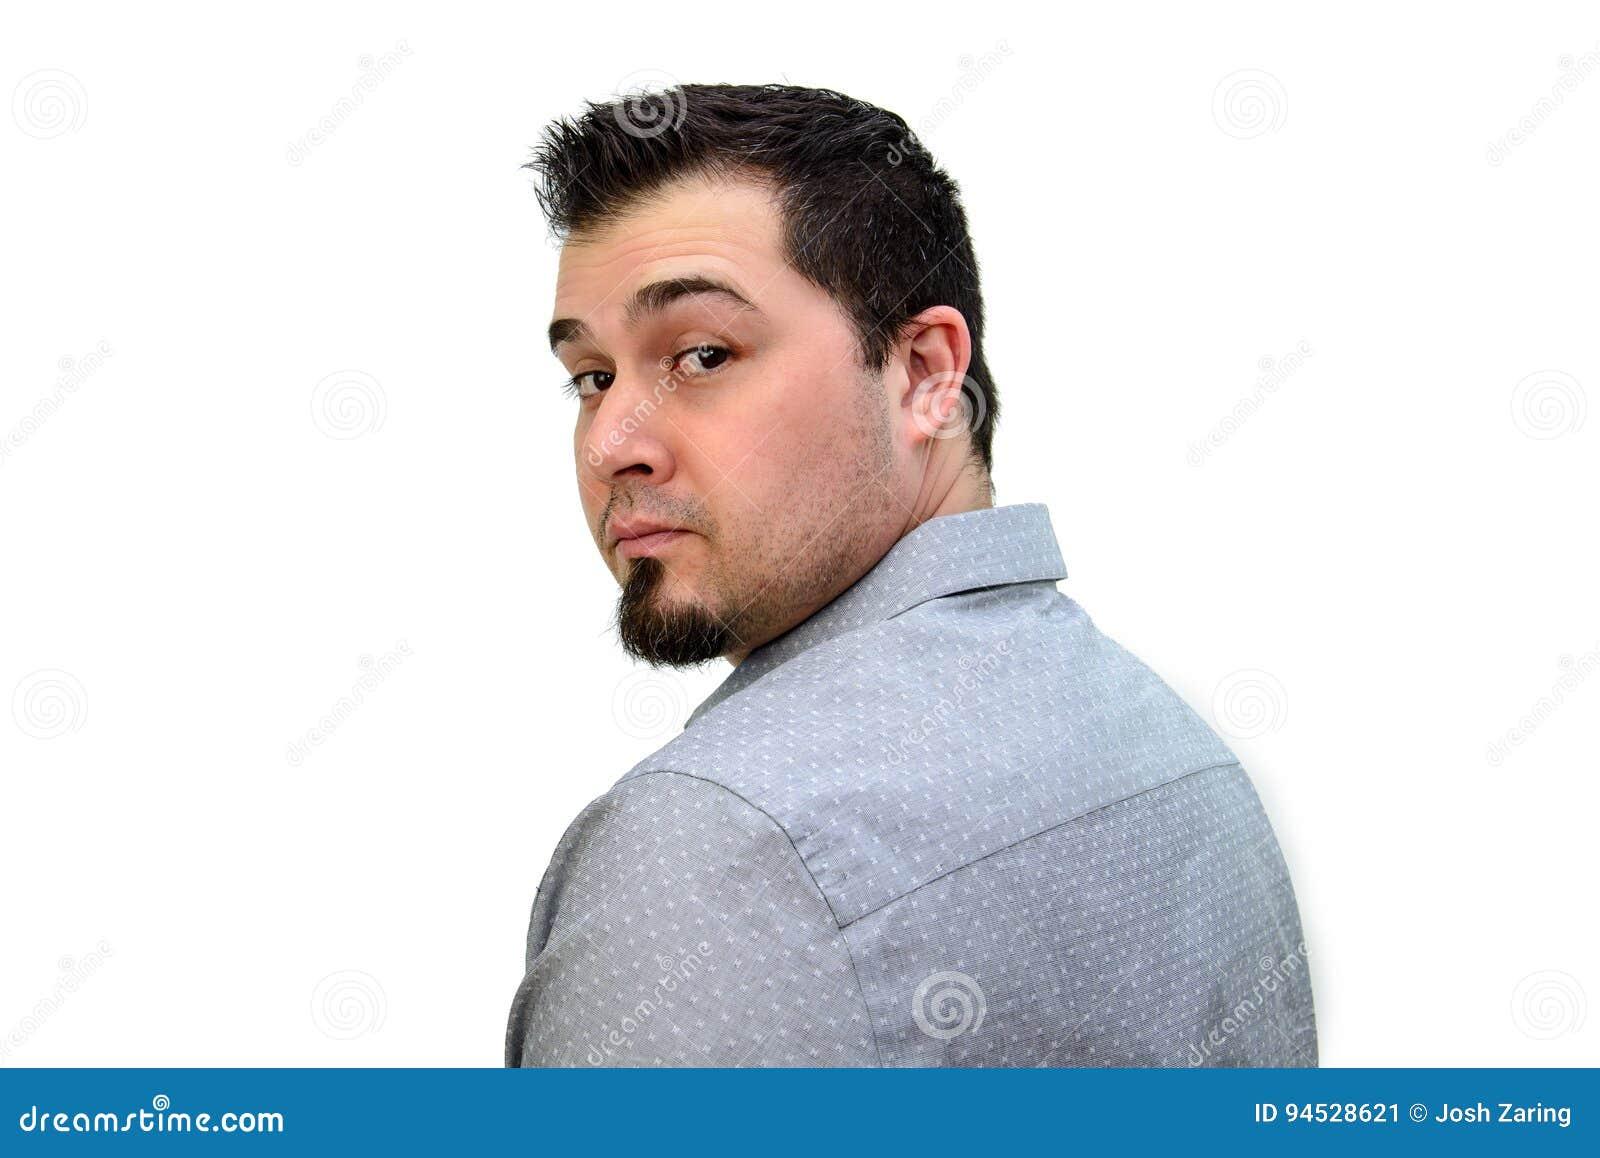 Темный с волосами человек в серой рубашке смотря назад на белом фоне